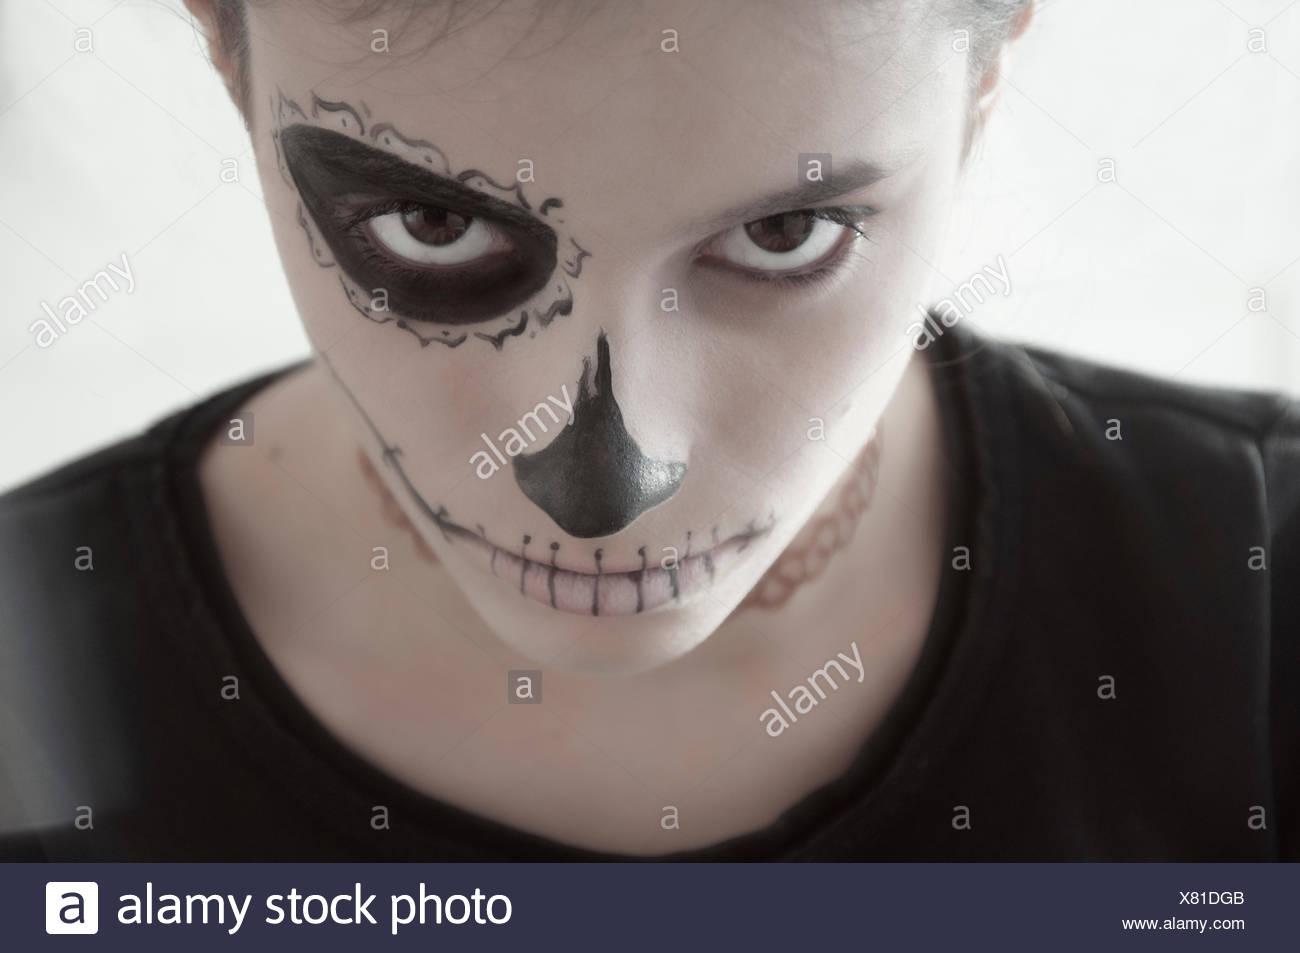 Ragazza con una faccia dipinta per Halloween Immagini Stock